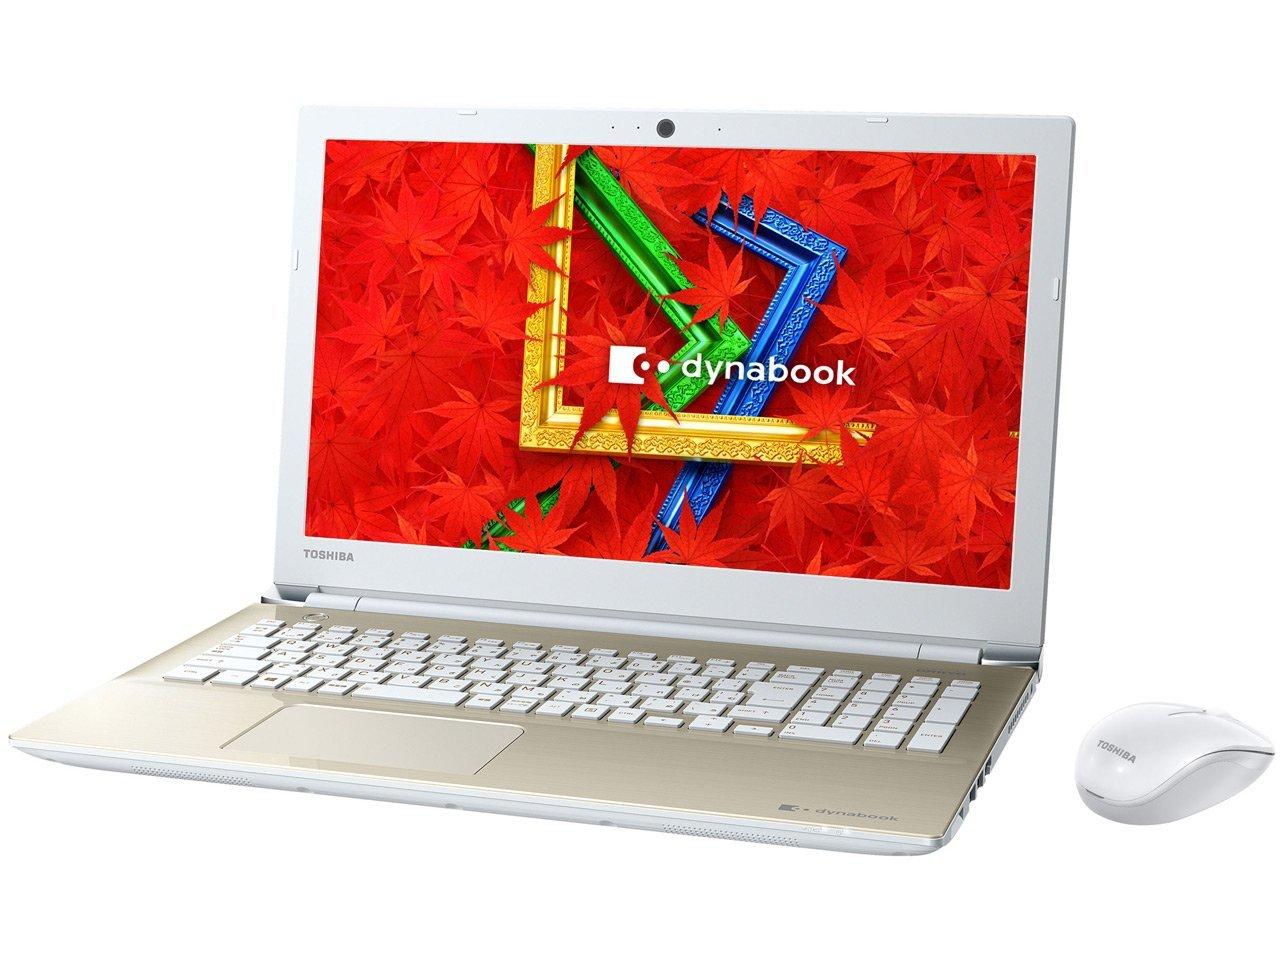 【7/14 20時〜 エントリーで5倍】ノートパソコン office付き 新品 同様 訳あり 東芝 dynabook EX/85AG Core i7 -6500U Windows10 512GB 8GB 15.6インチ 1920×1080 BD 無線LAN ダイナブック Microsoft Office付属 PTEX-85ABJG